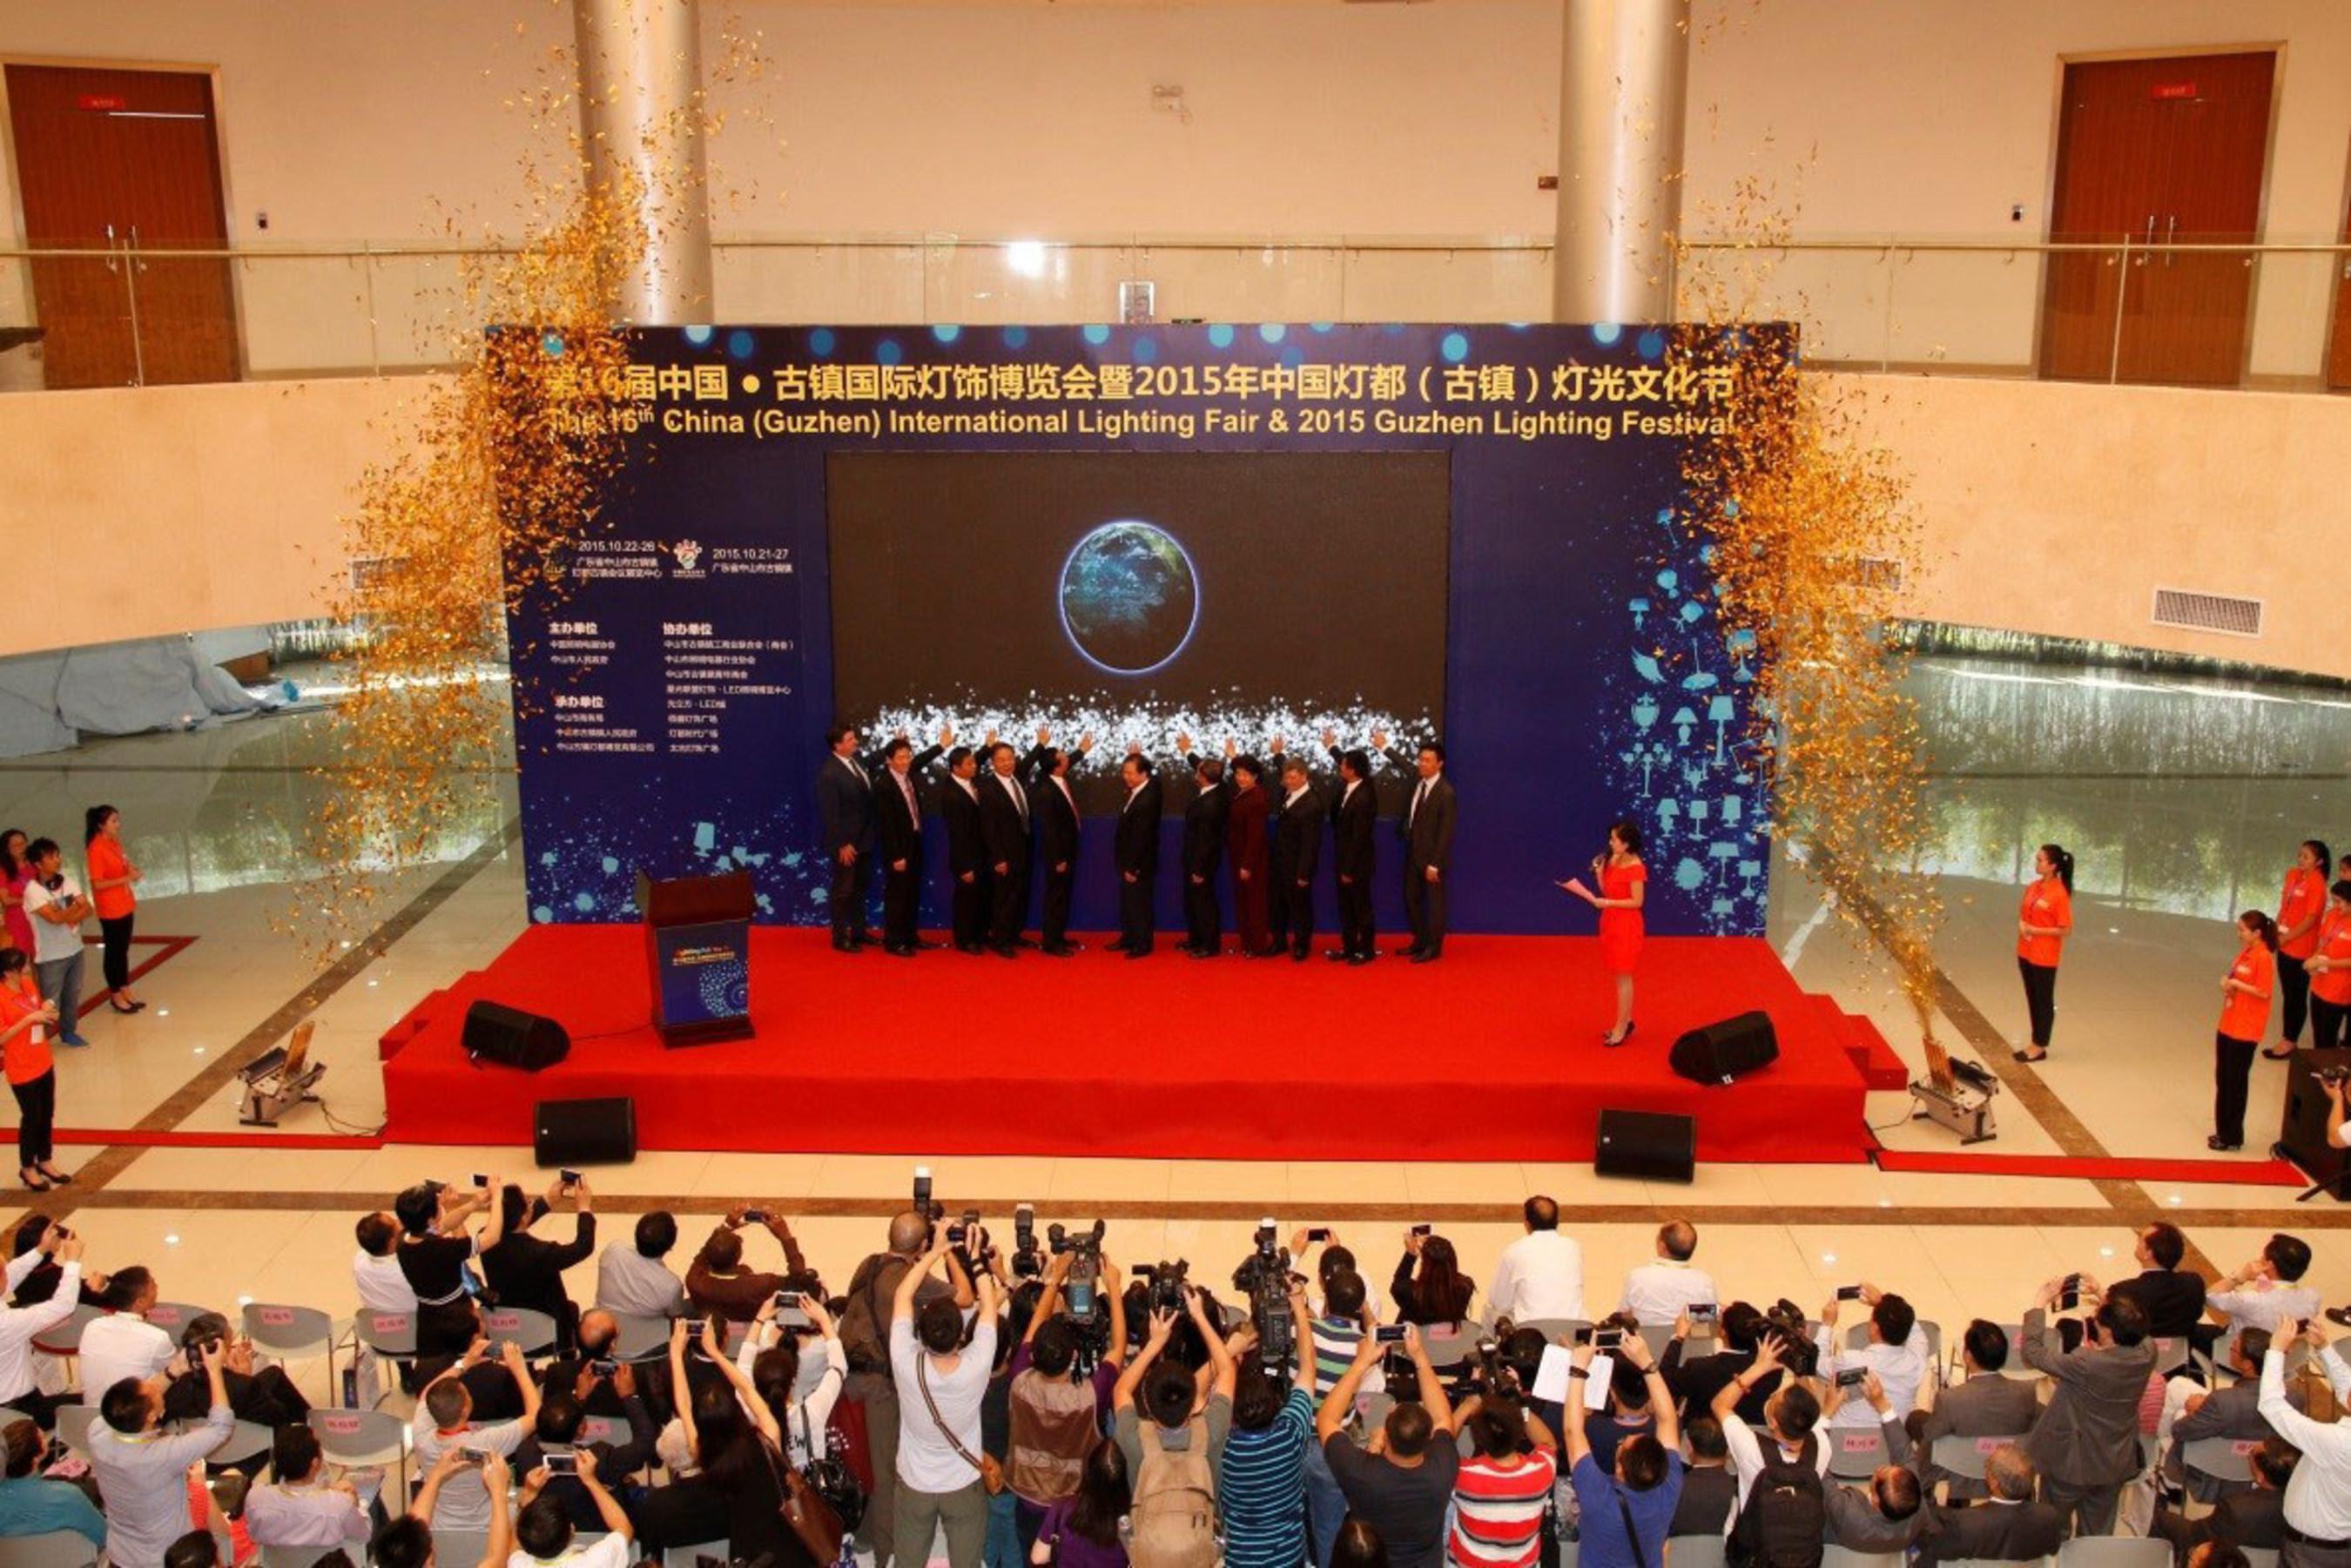 Al via oggi la 16° Fiera internazionale della luce di Guzhen in Cina